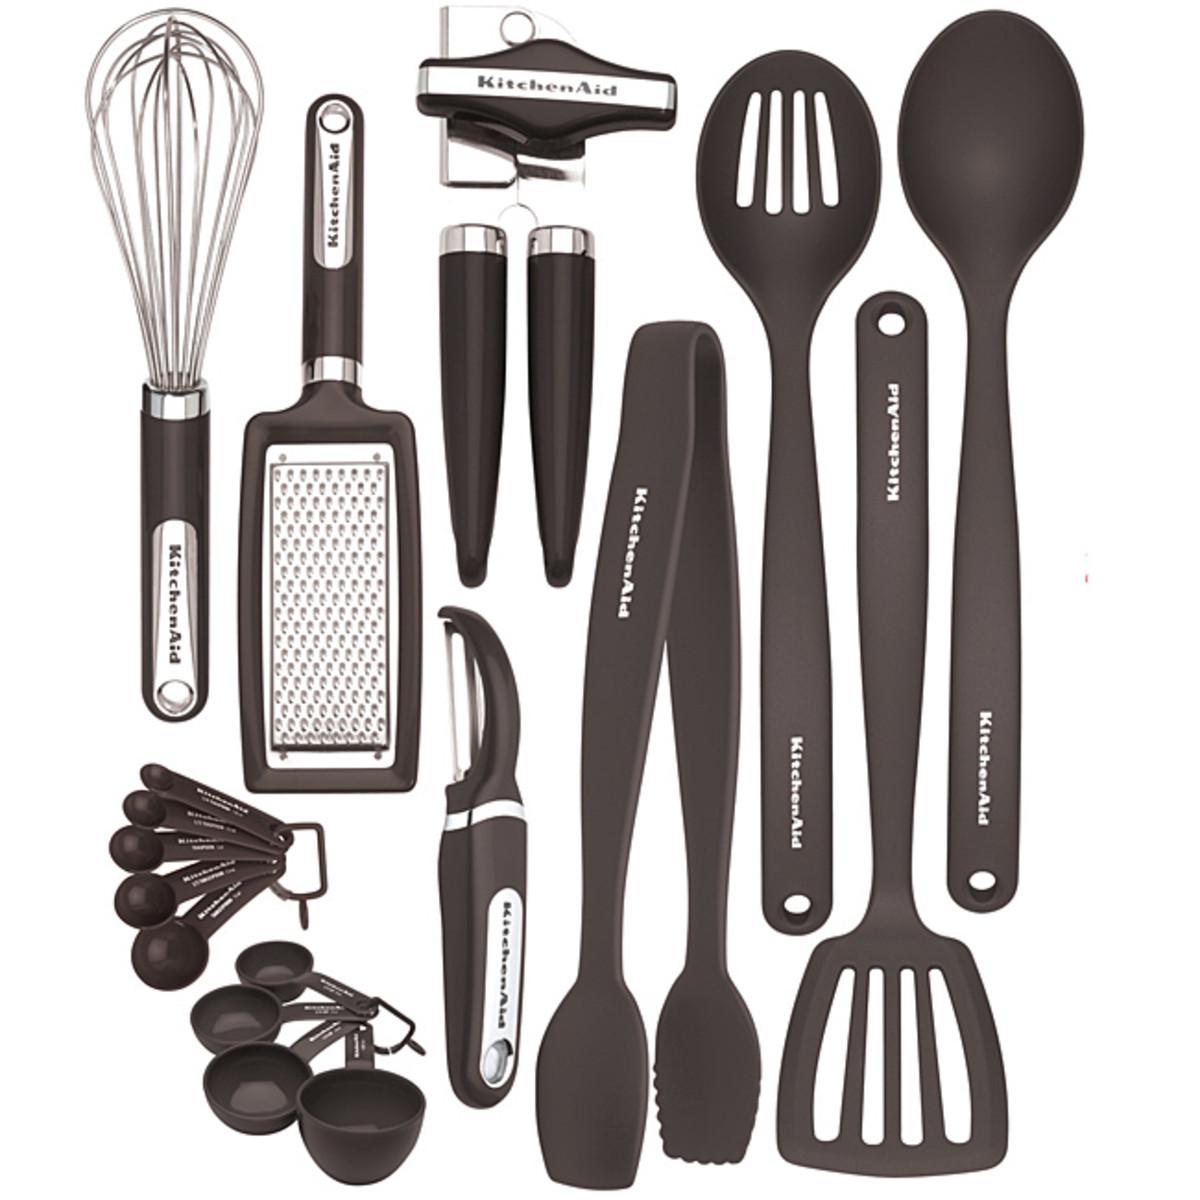 kitchen aid utensils